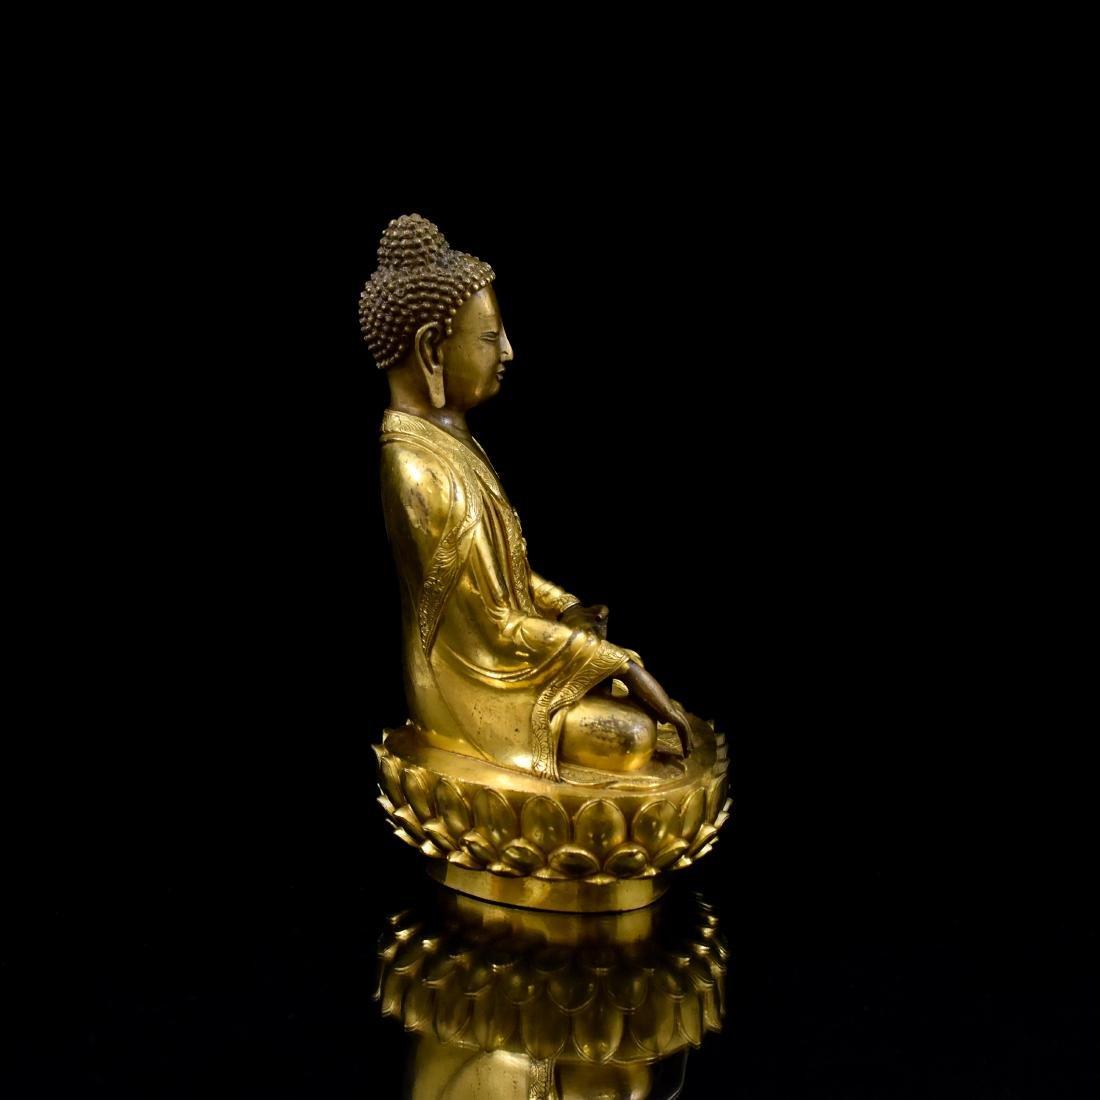 MING GILT BRONZE BUDDHA FIGURE OF SHAKYAMUNI BUDDHA - 2